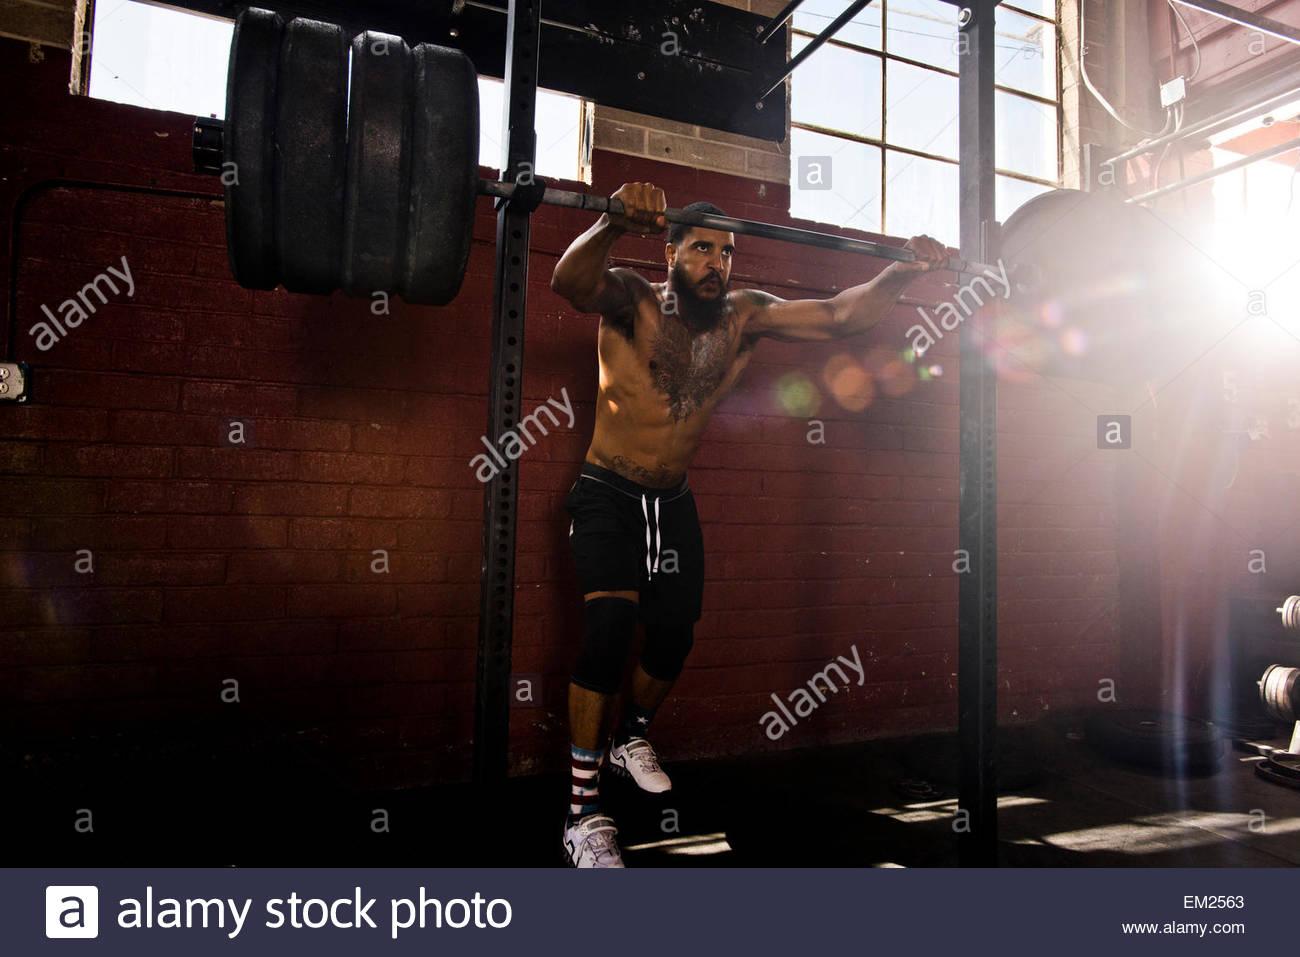 Ein Crossfit Athlet bereitet zu hocken. Stockbild